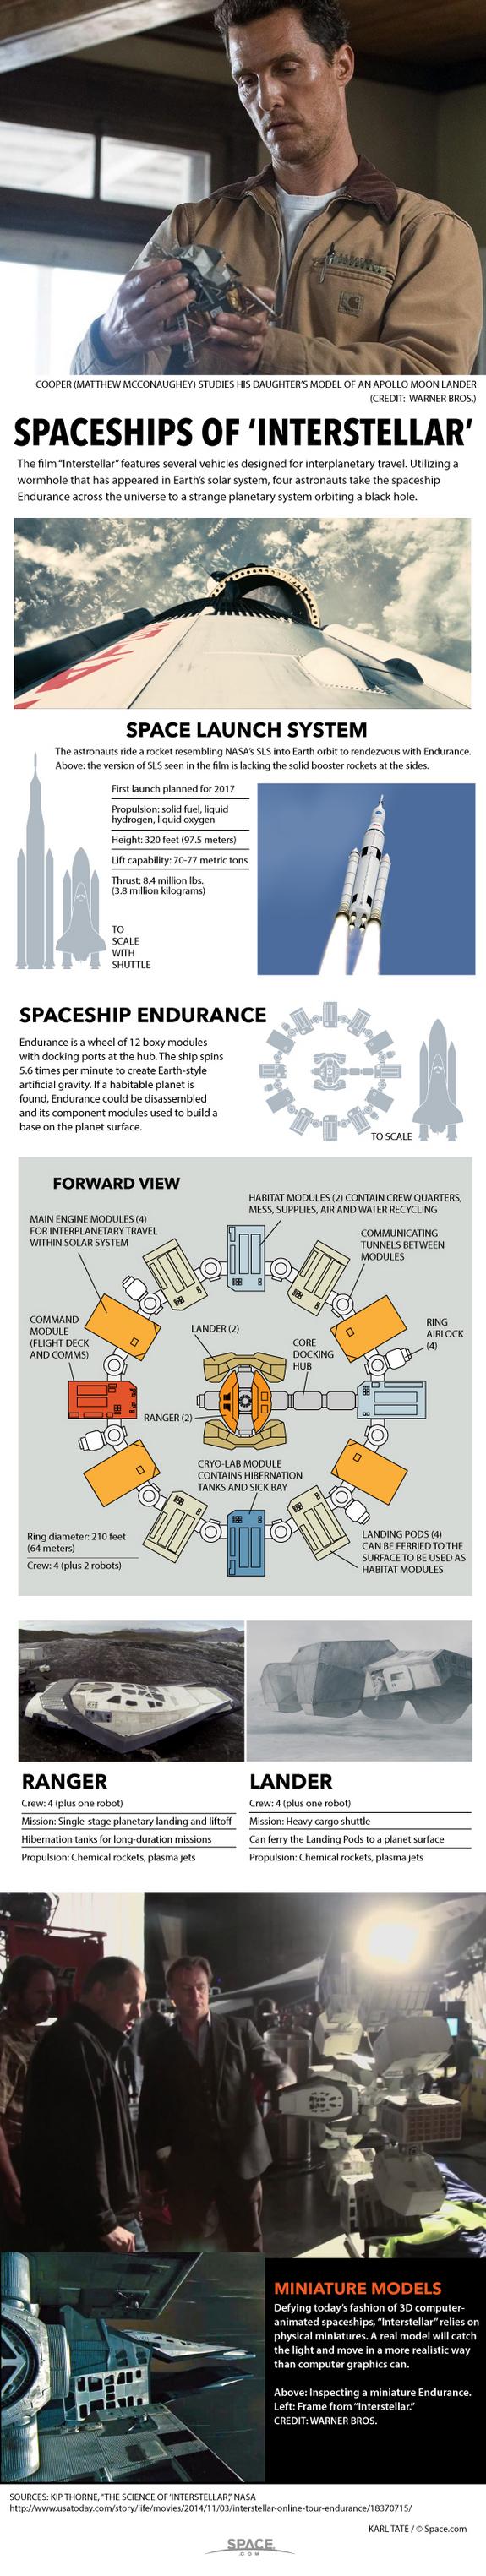 http://www.space.com/27694-interstellar-movie-spaceships-infographic.html